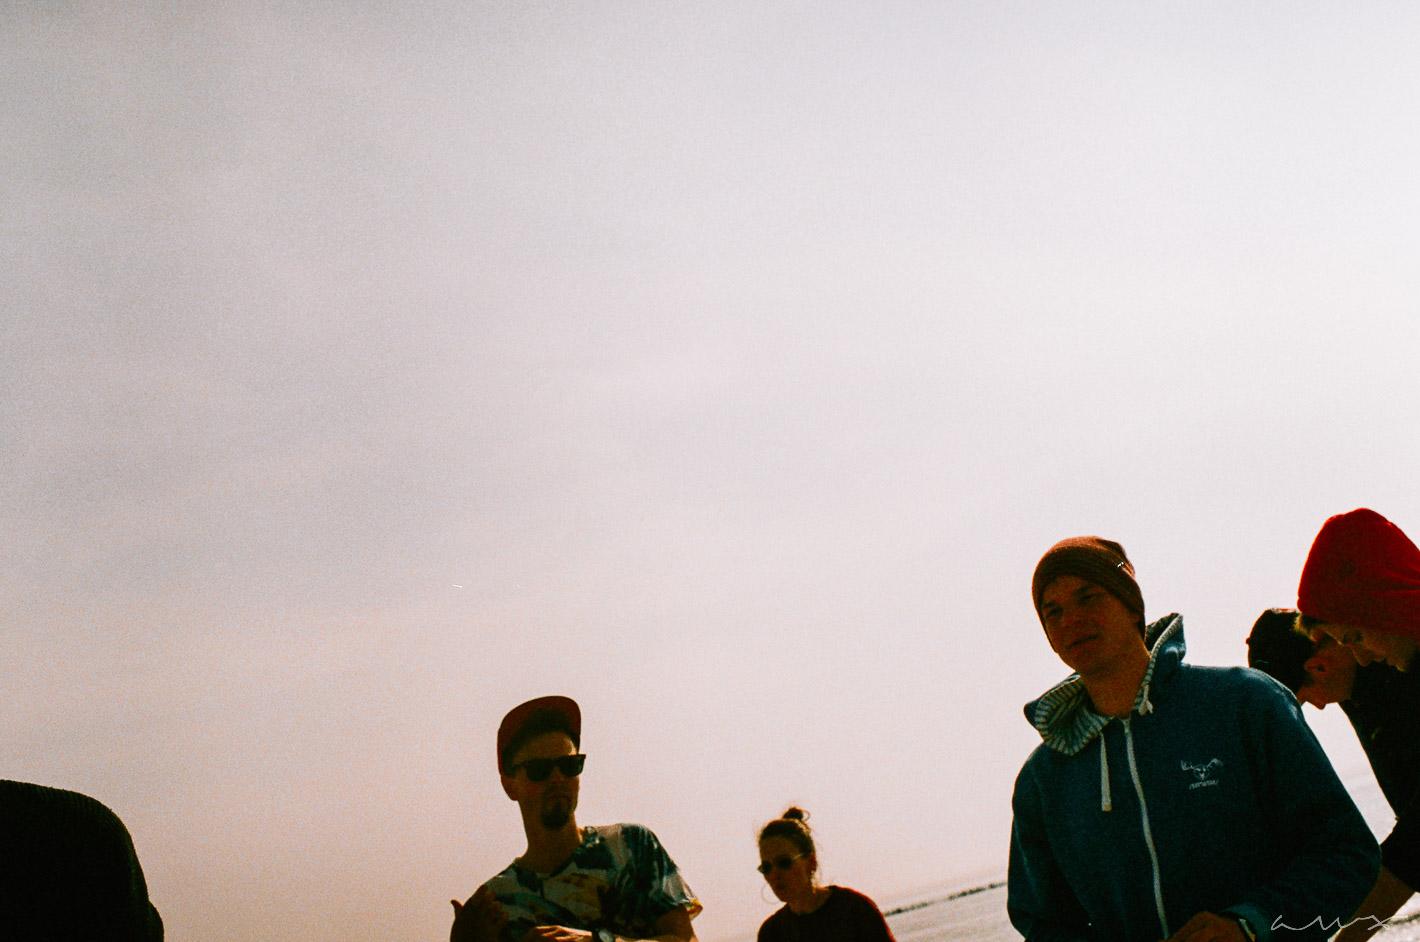 Longboarding_klp on film #1